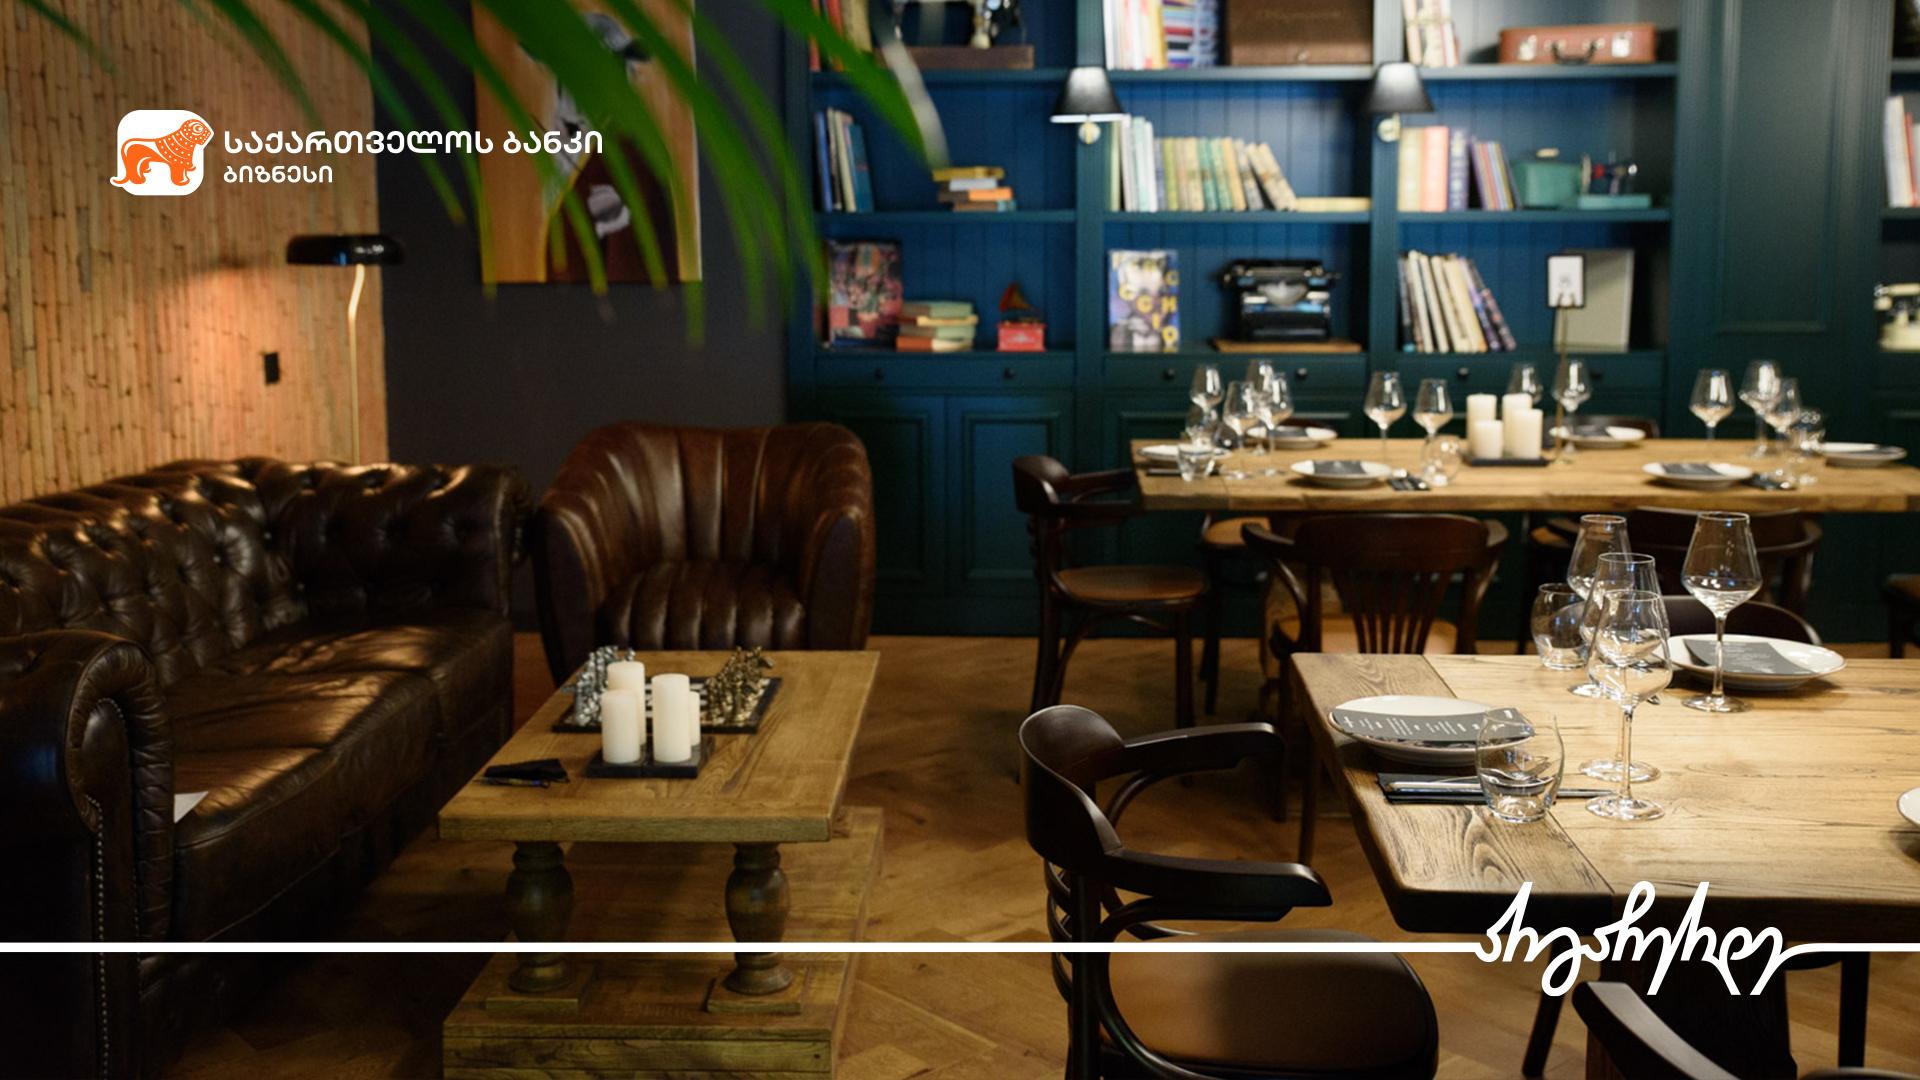 საქართველოს ბანკთან პარტნიორობით Gastronome-მა სამი ახალი ფილიალი და რესტორანი გახსნა